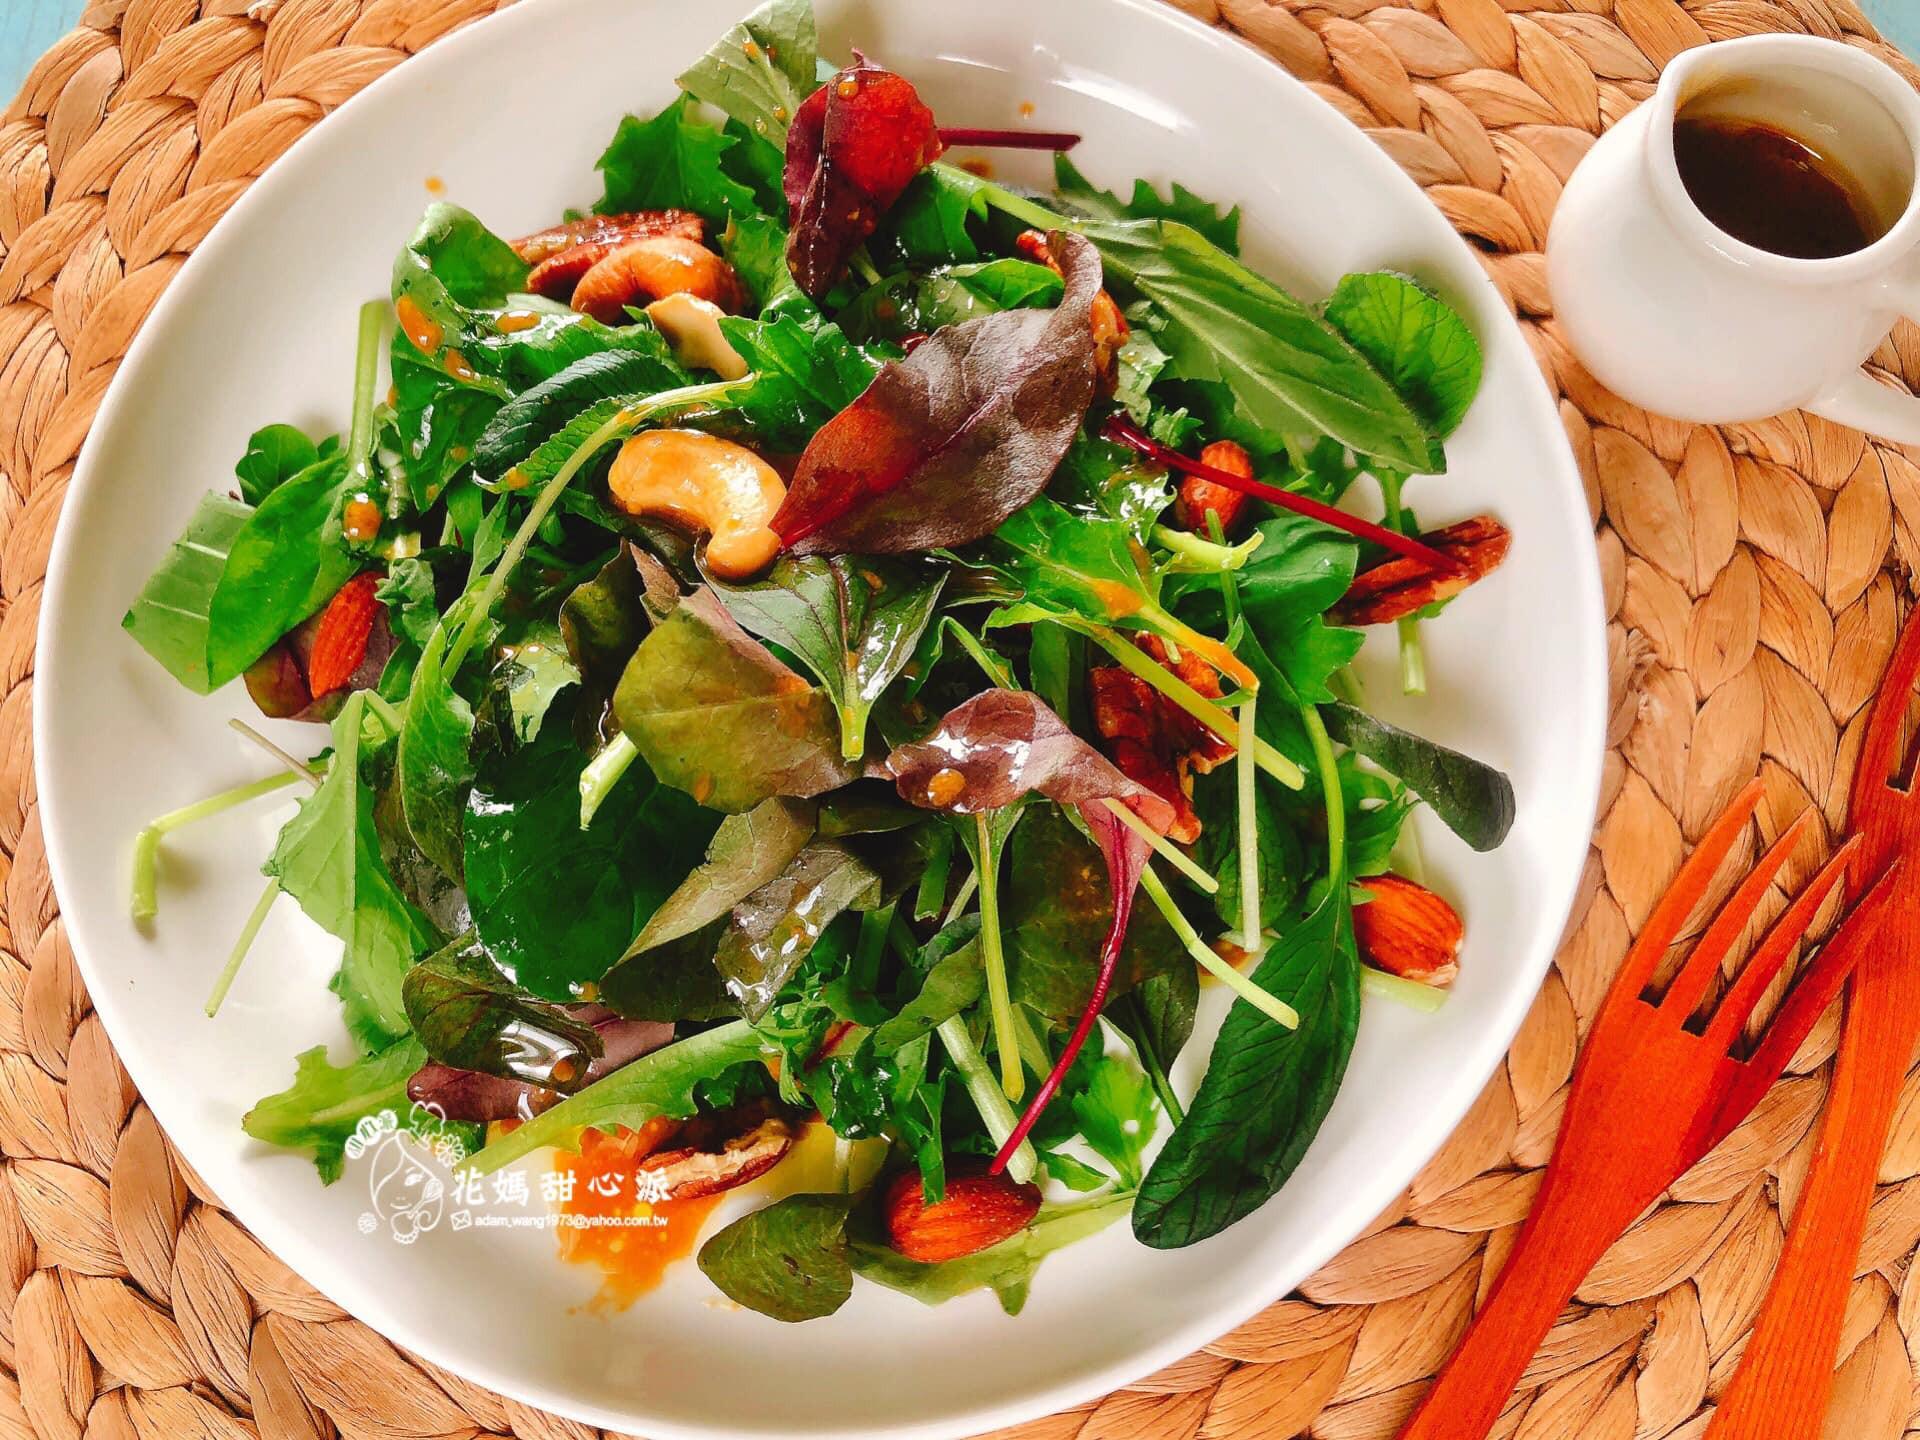 嫩葉堅果生菜沙拉輕食快速料理